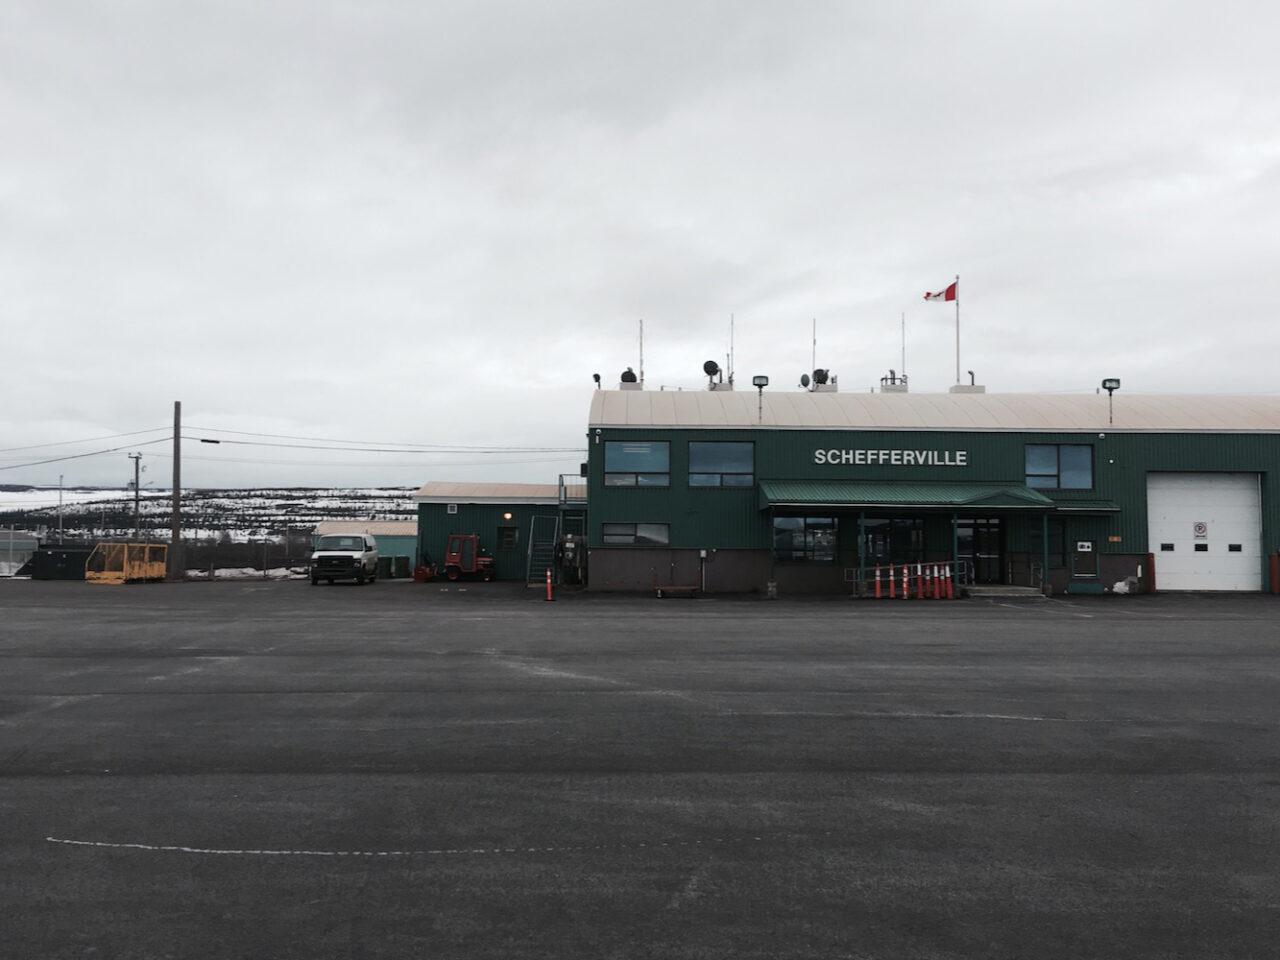 B – Schefferville terminal